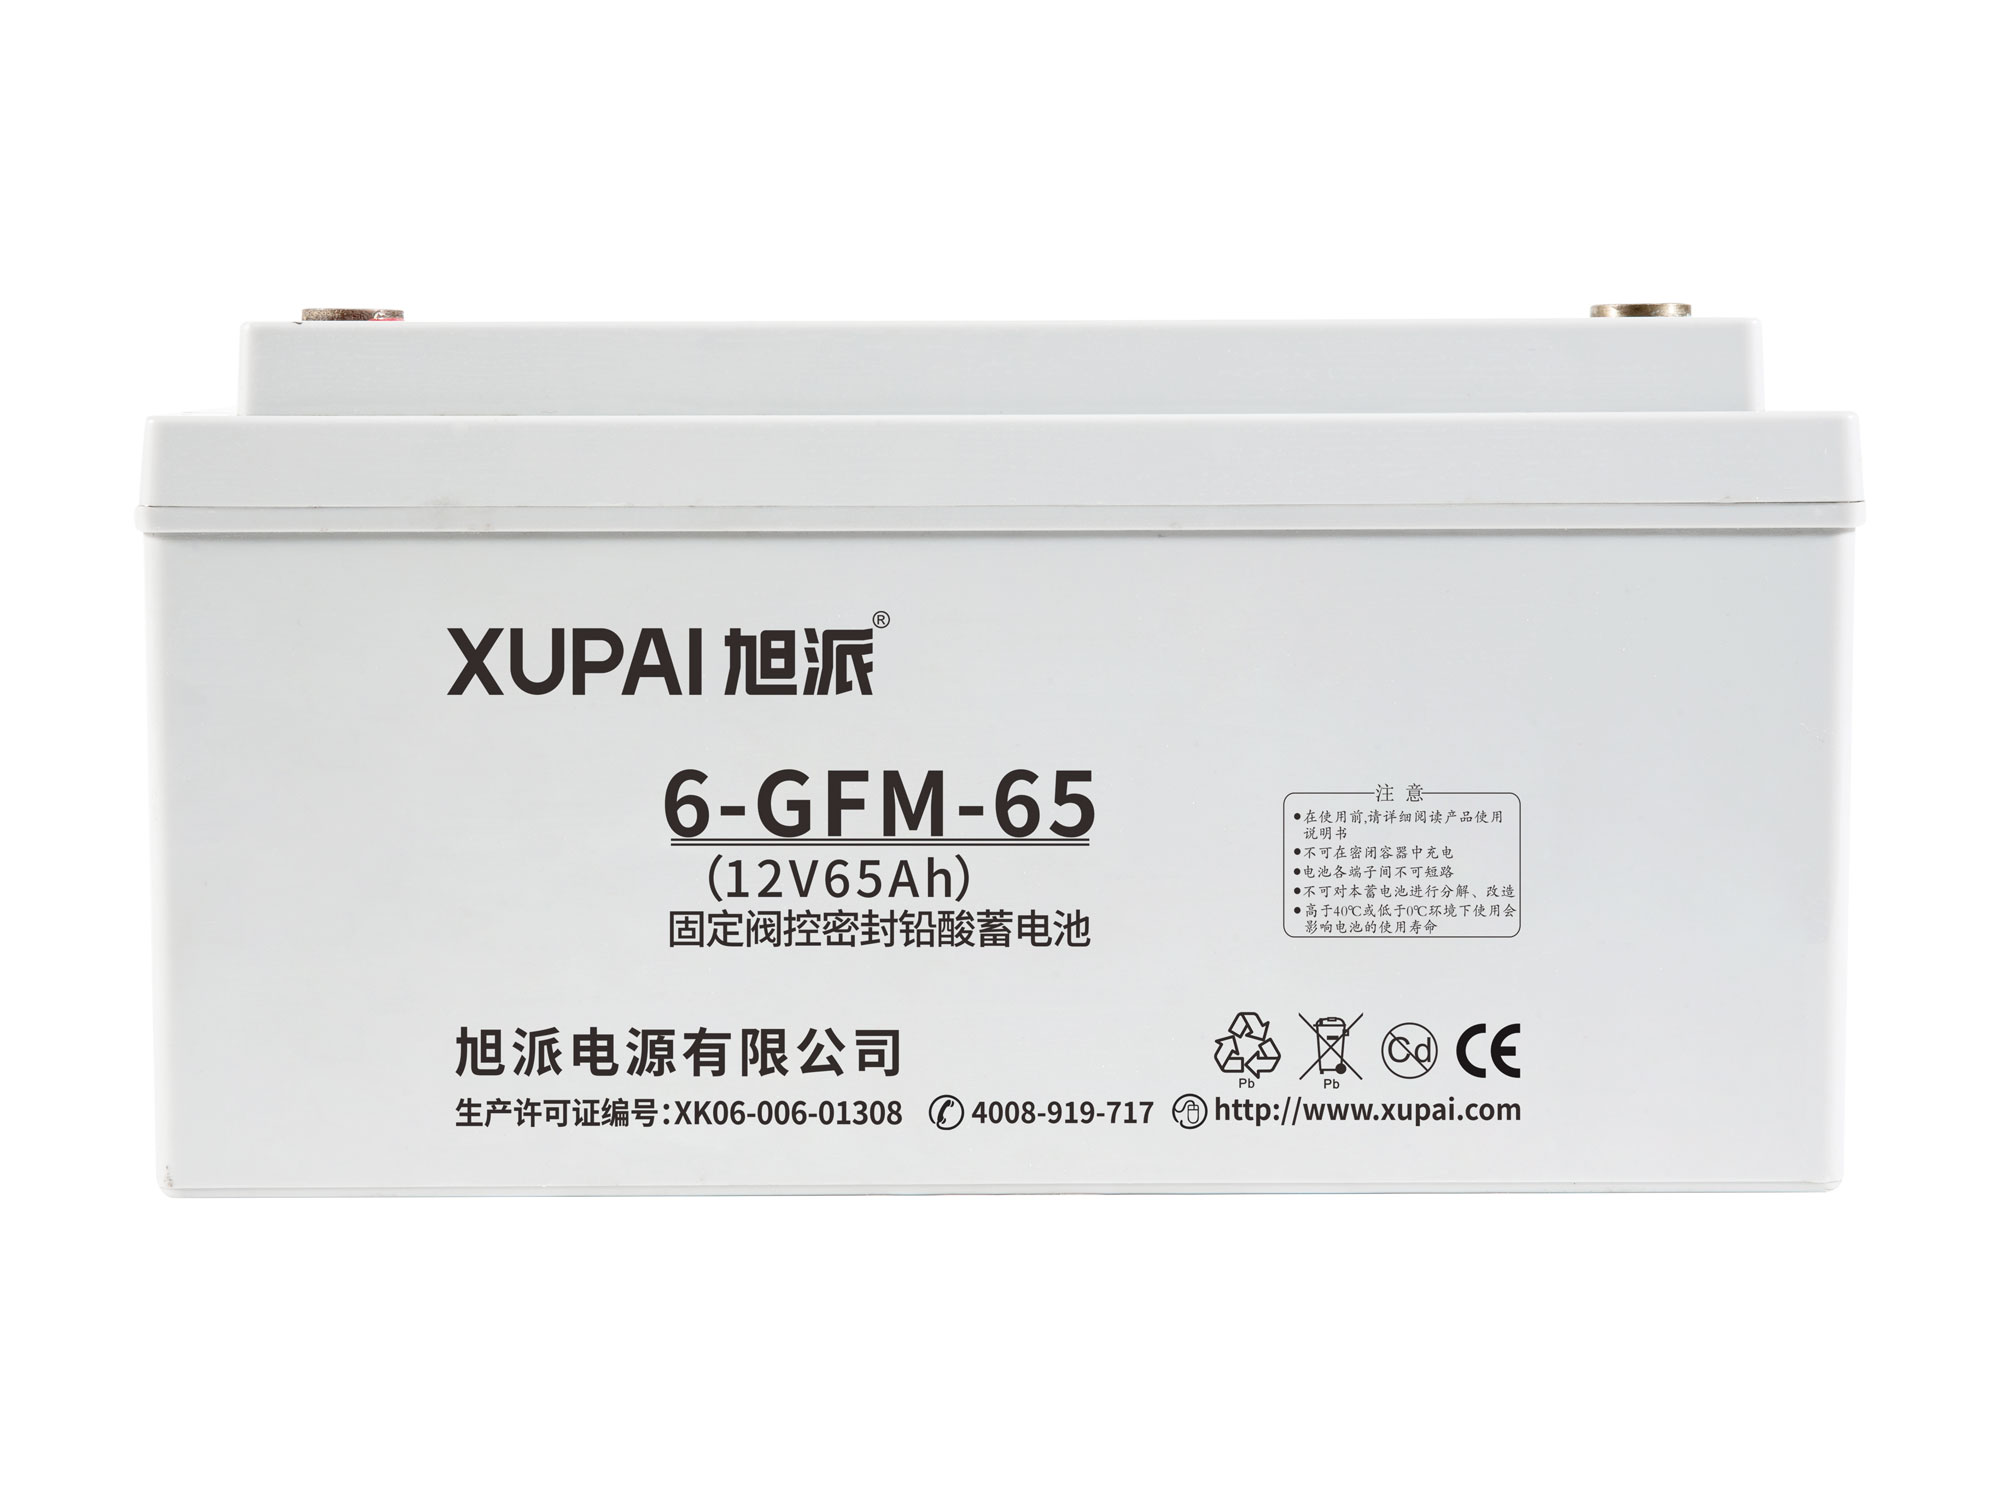 6-gfm-65